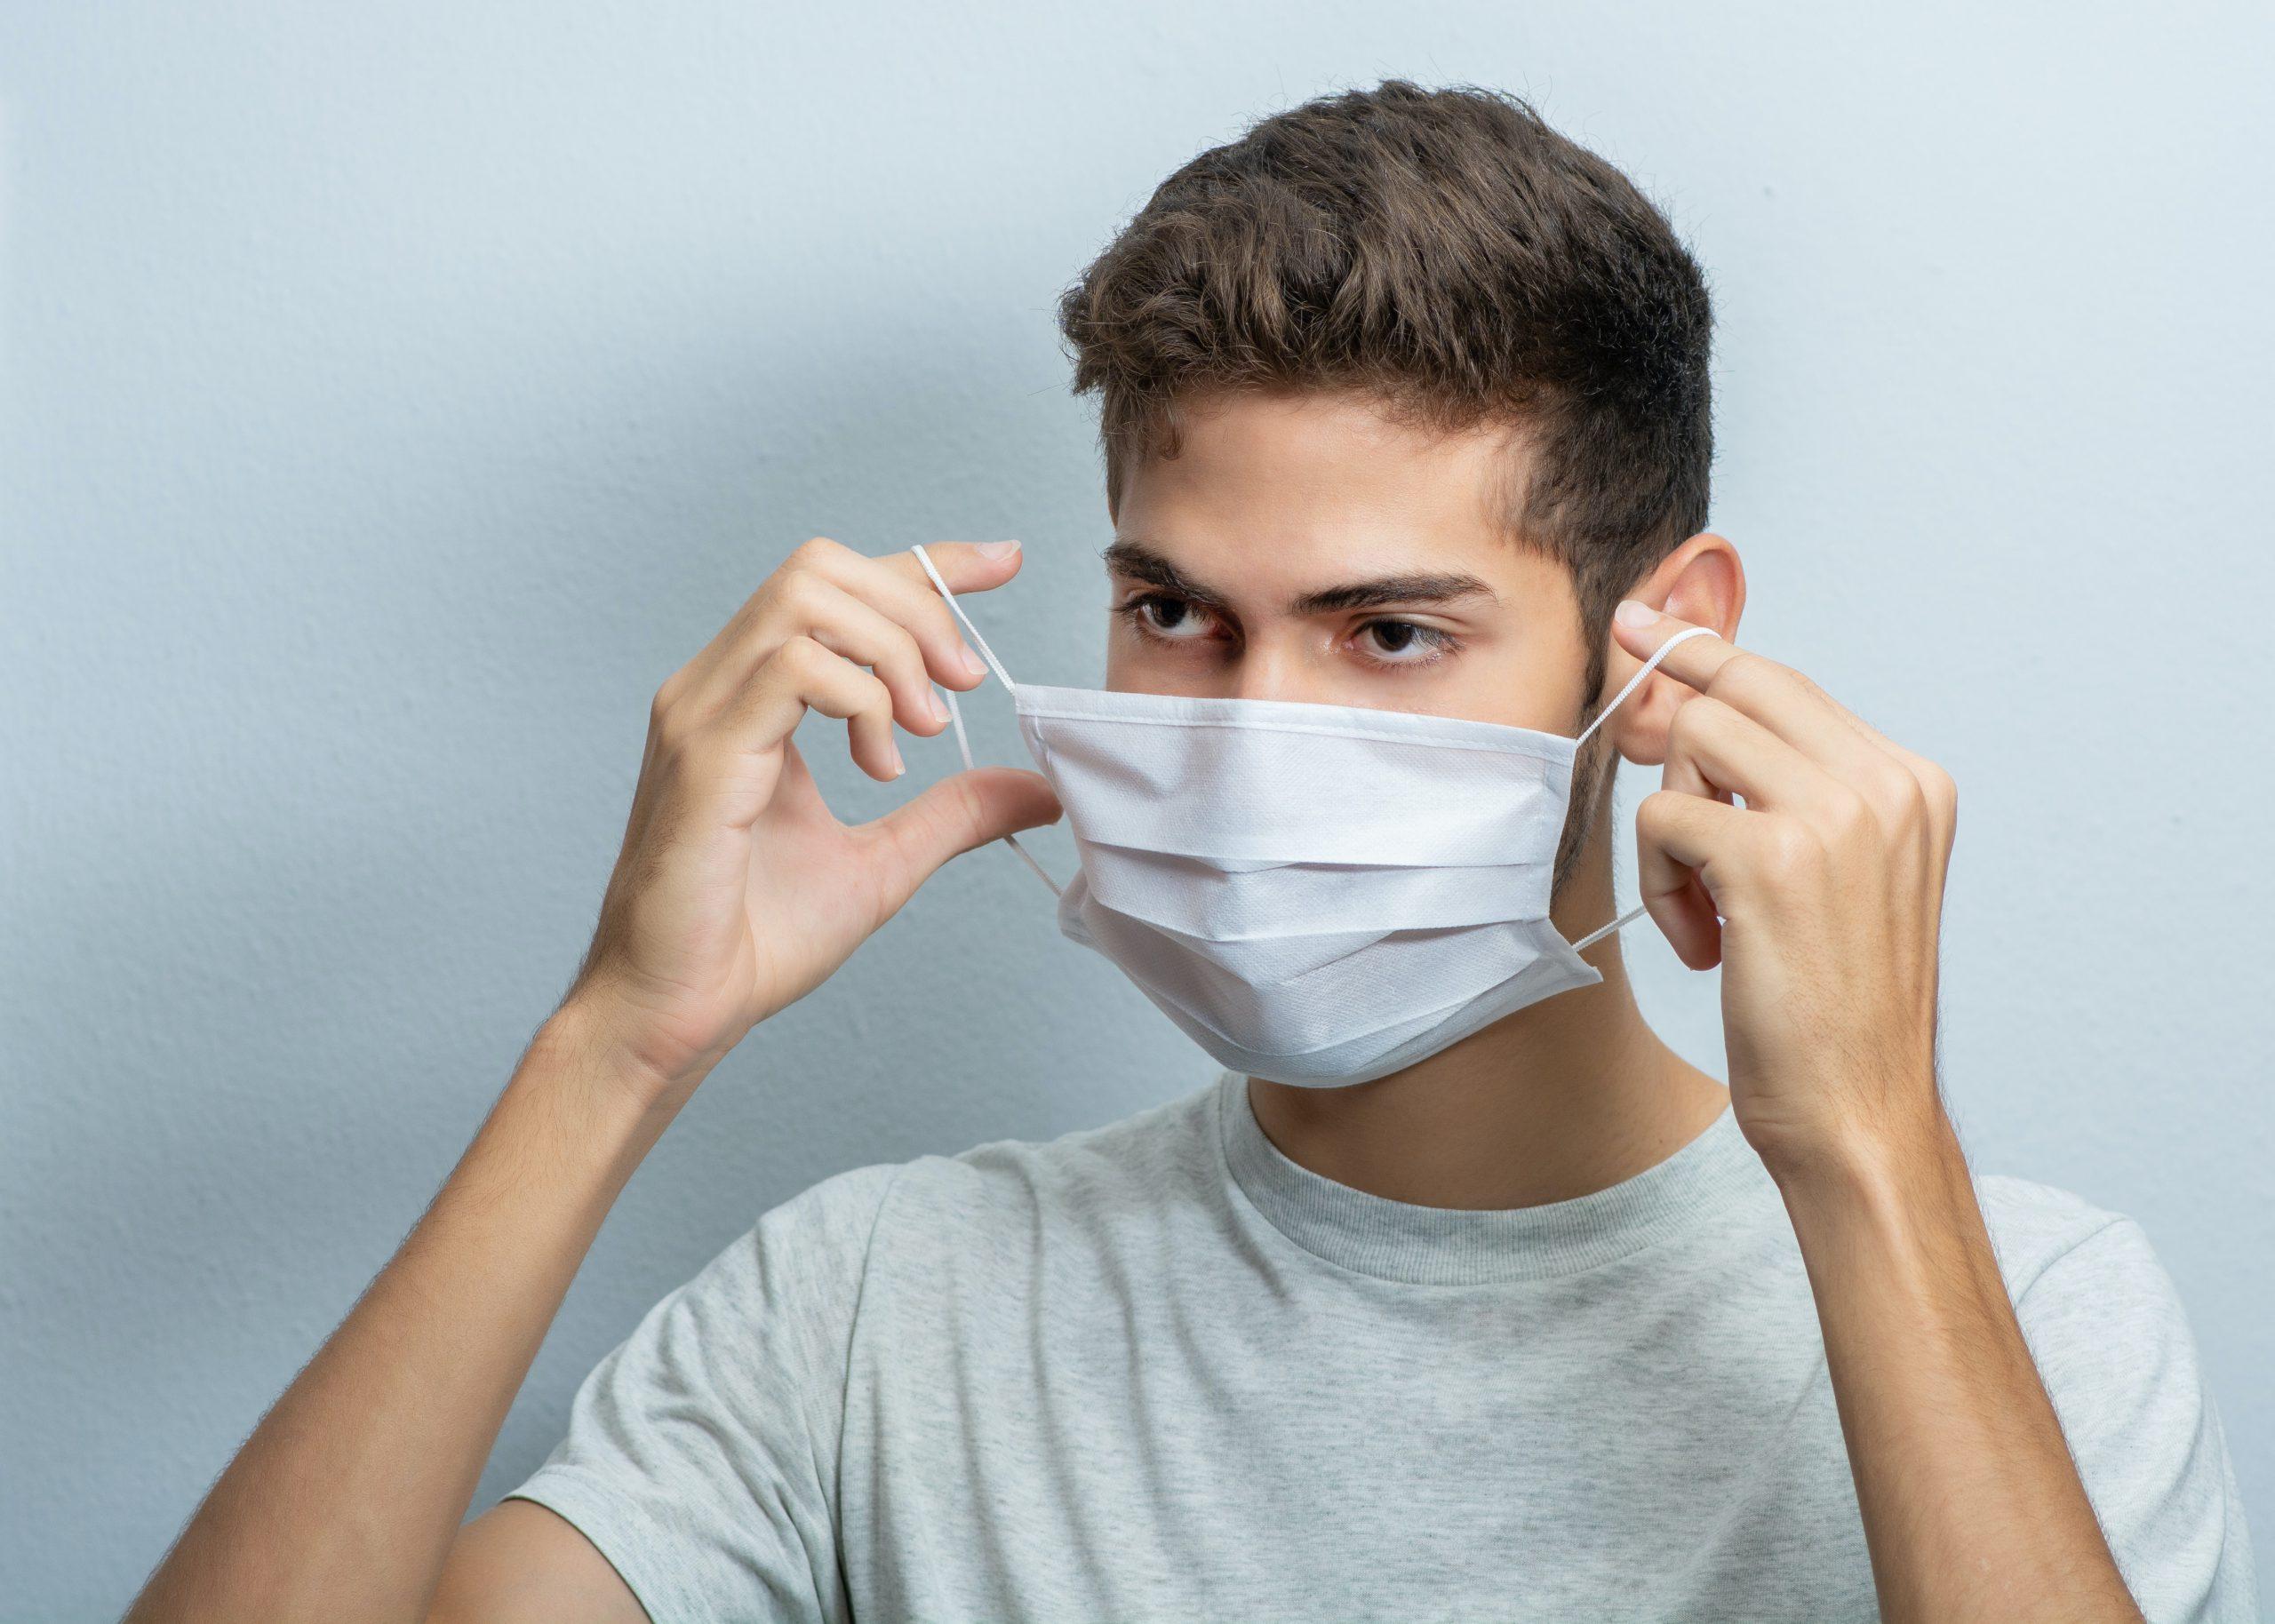 Jak dbać o zdrowie w czasie pandemii COVID-19?